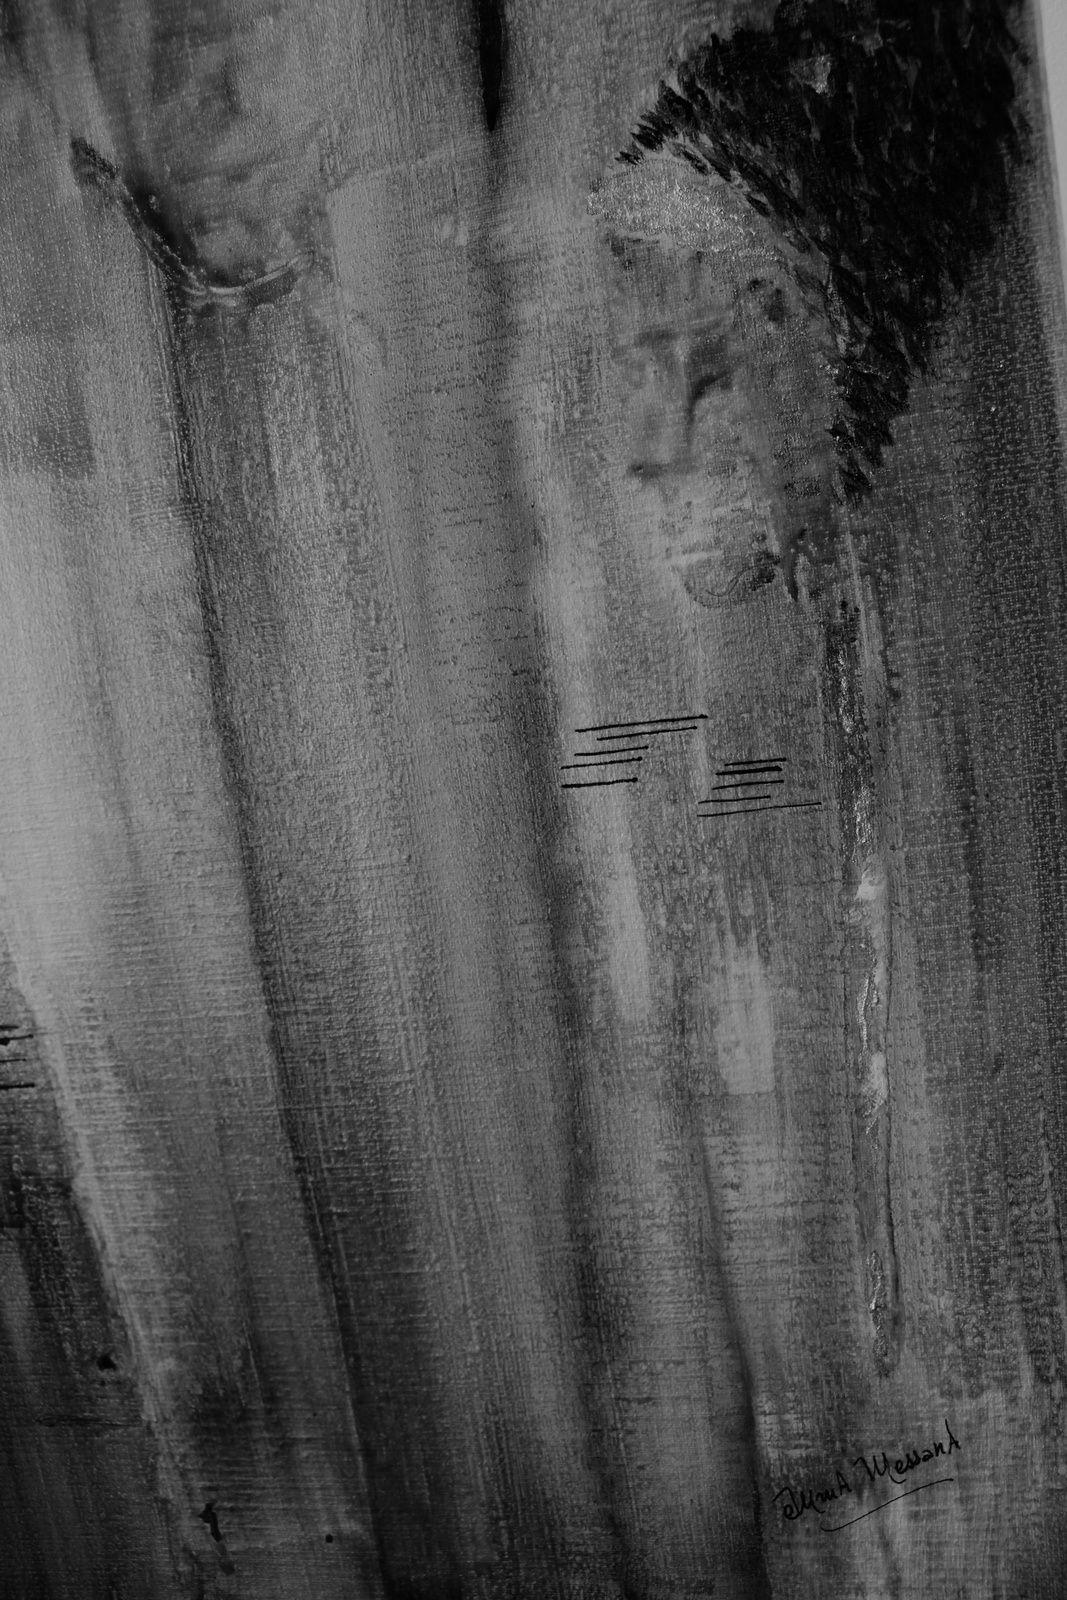 """Les Collages d'eMmA MessanA, fragment N&B du N°322 """"Regards d'eux"""""""